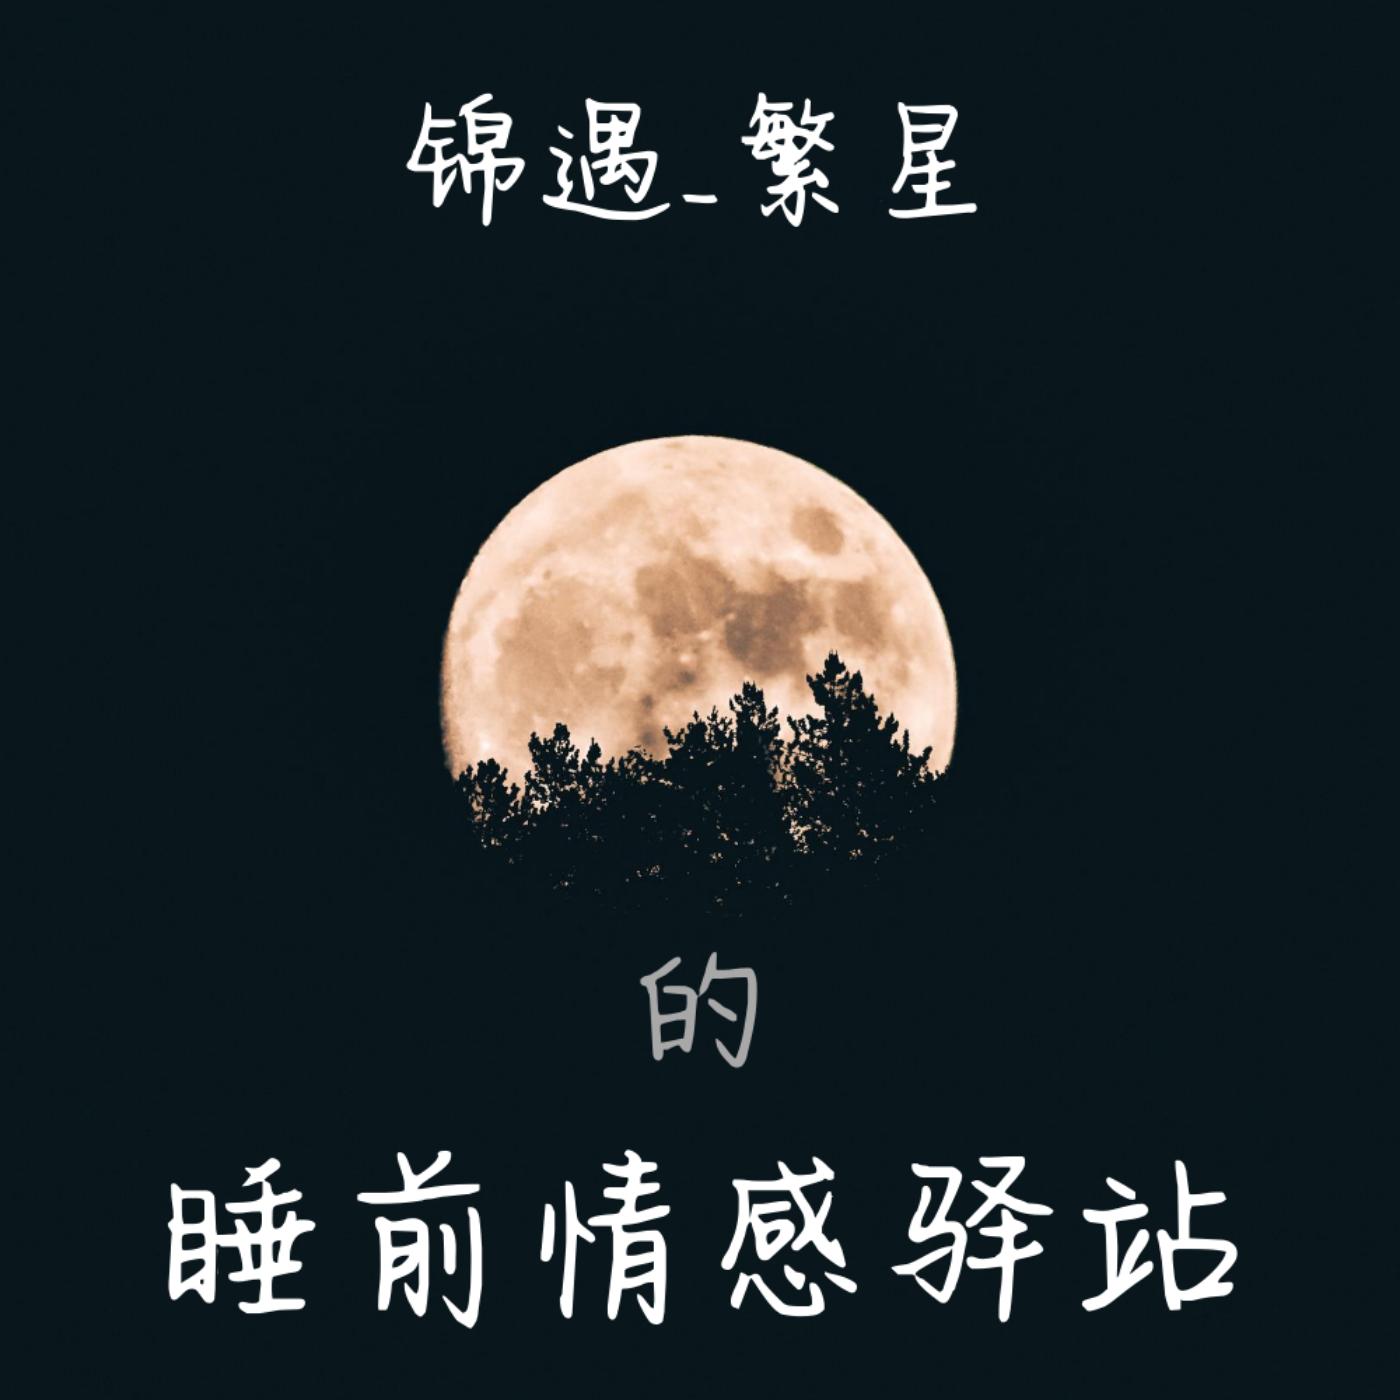 锦遇_繁星的睡前情感驿站